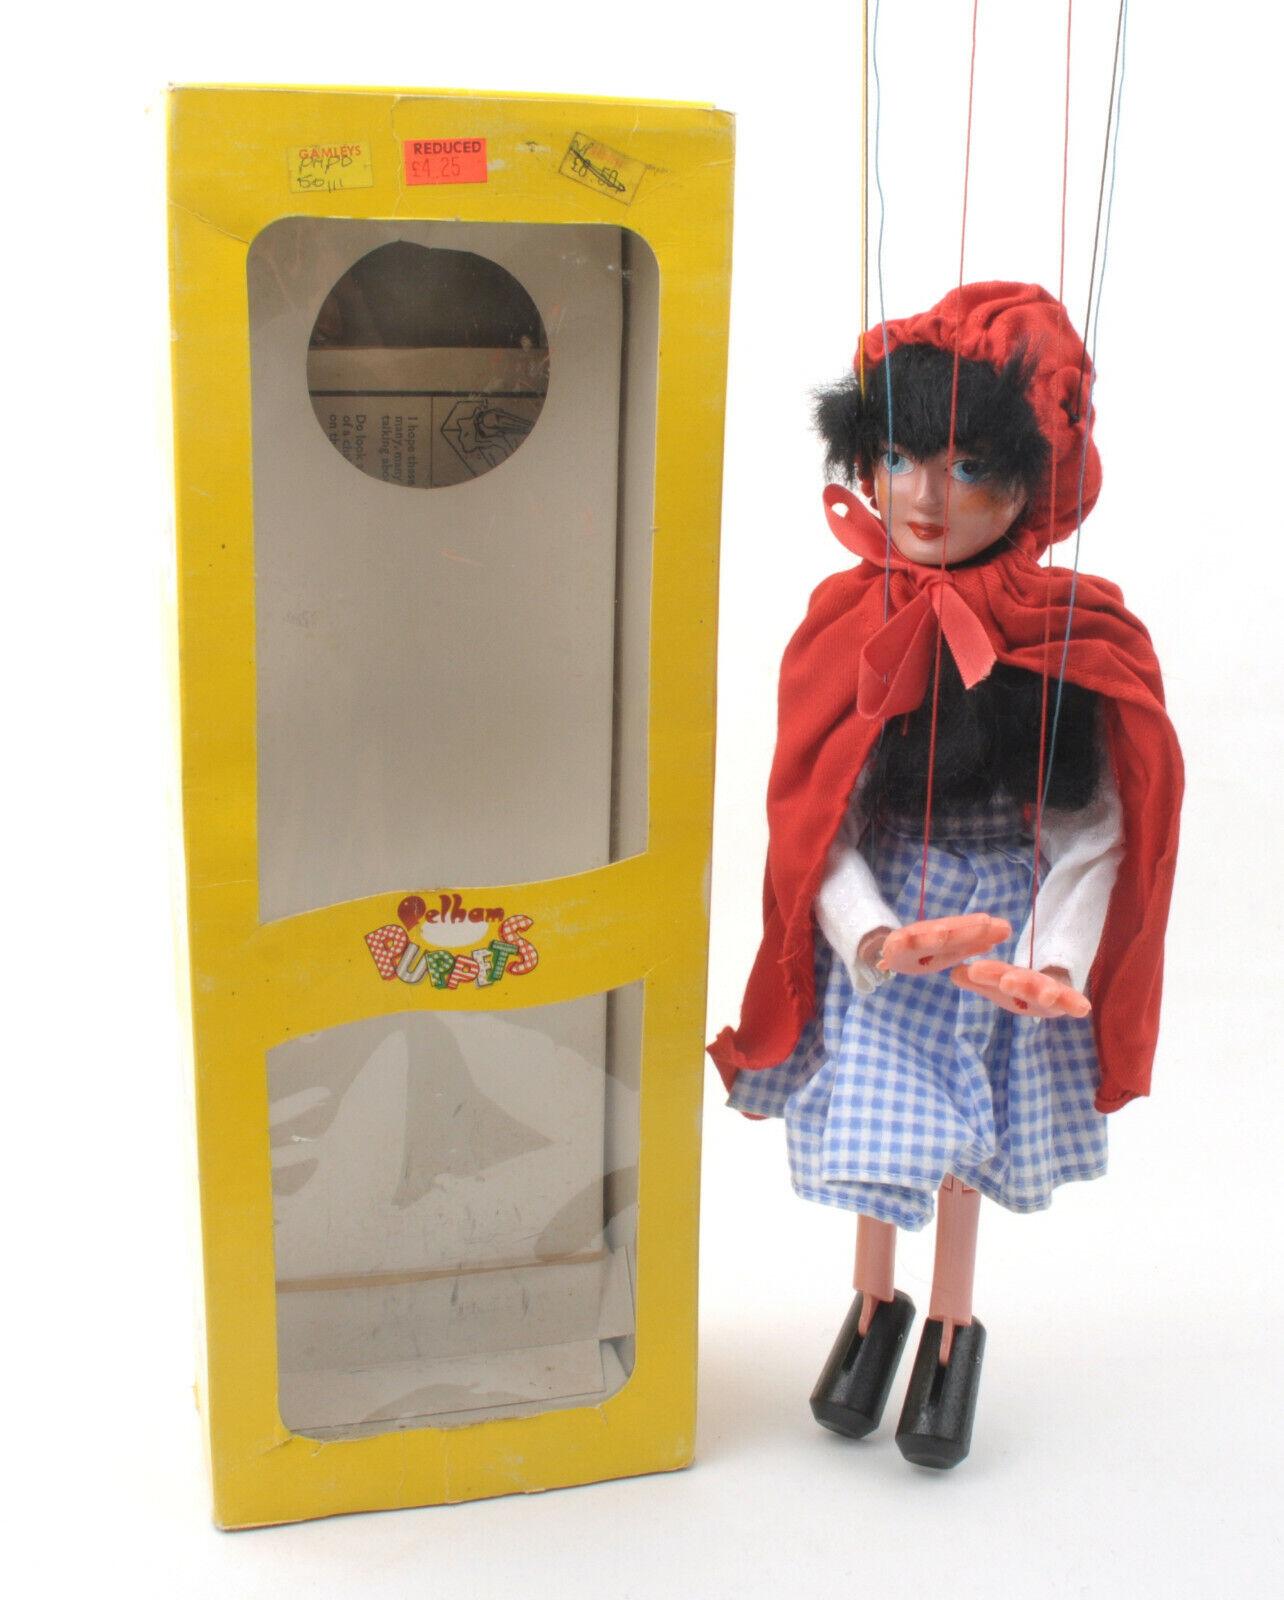 Marioneta de Vintage Pelham-SL11 de Little rojo Riding Hood - 1970s  en Caja  (2)